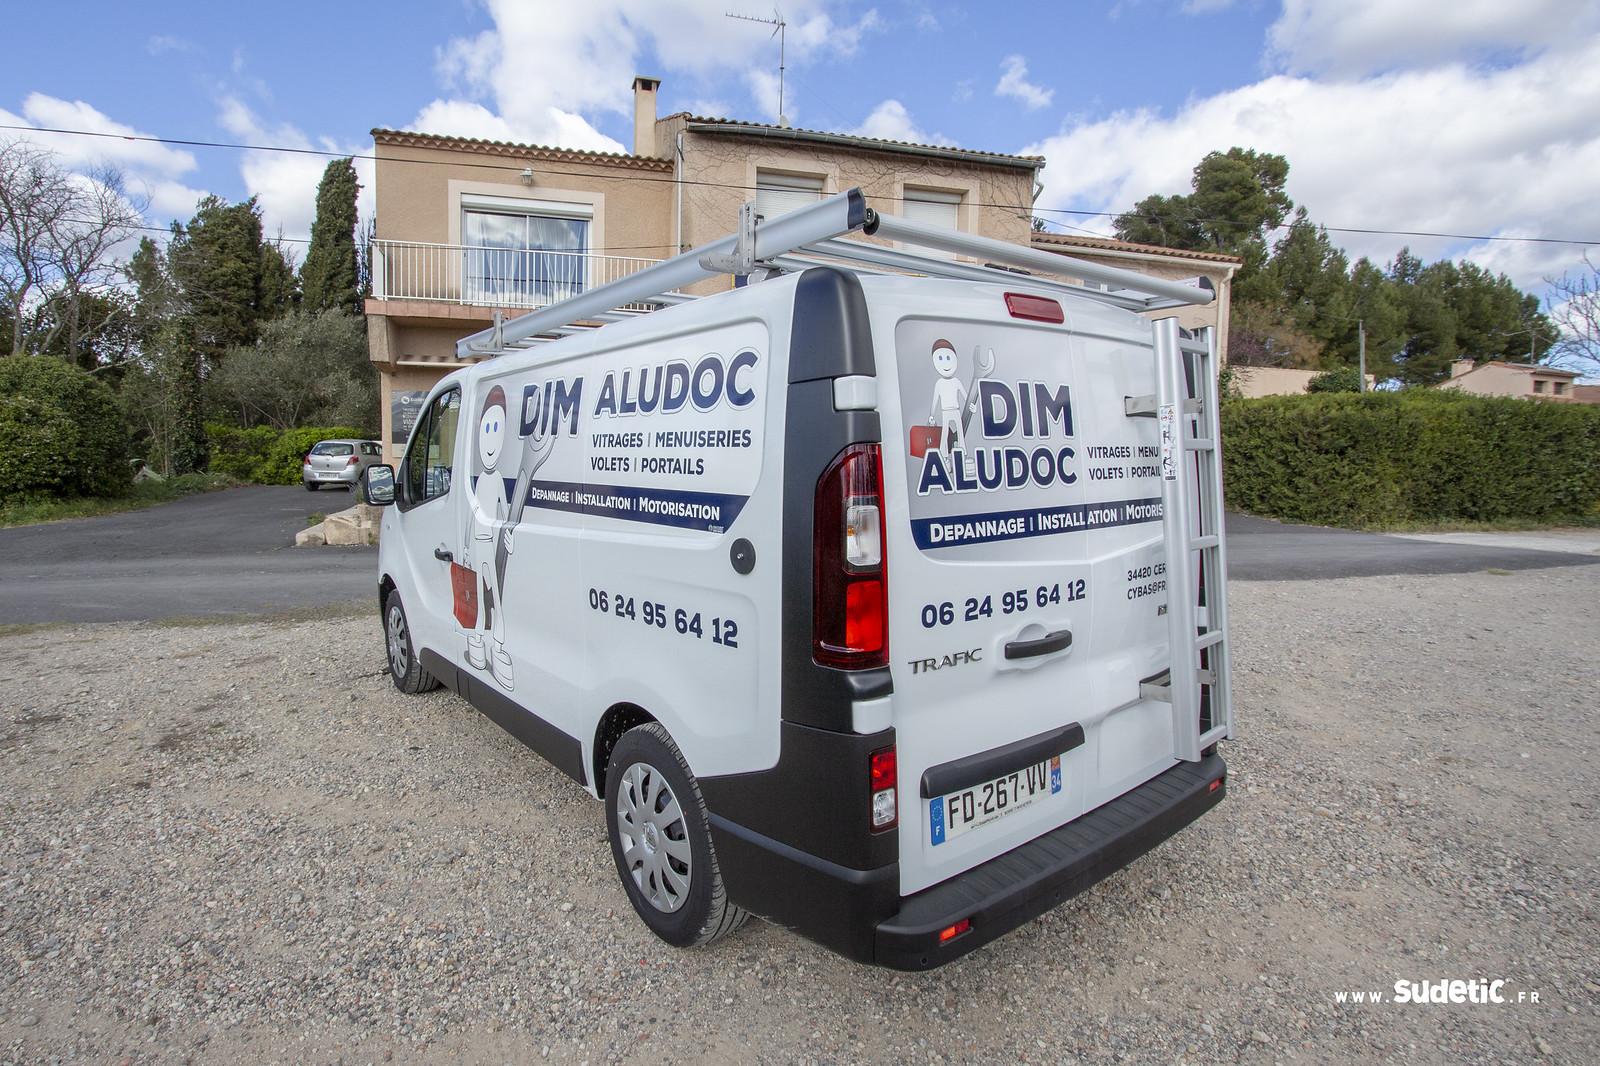 Sudetic Renault Trafic Dim Aludoc-5